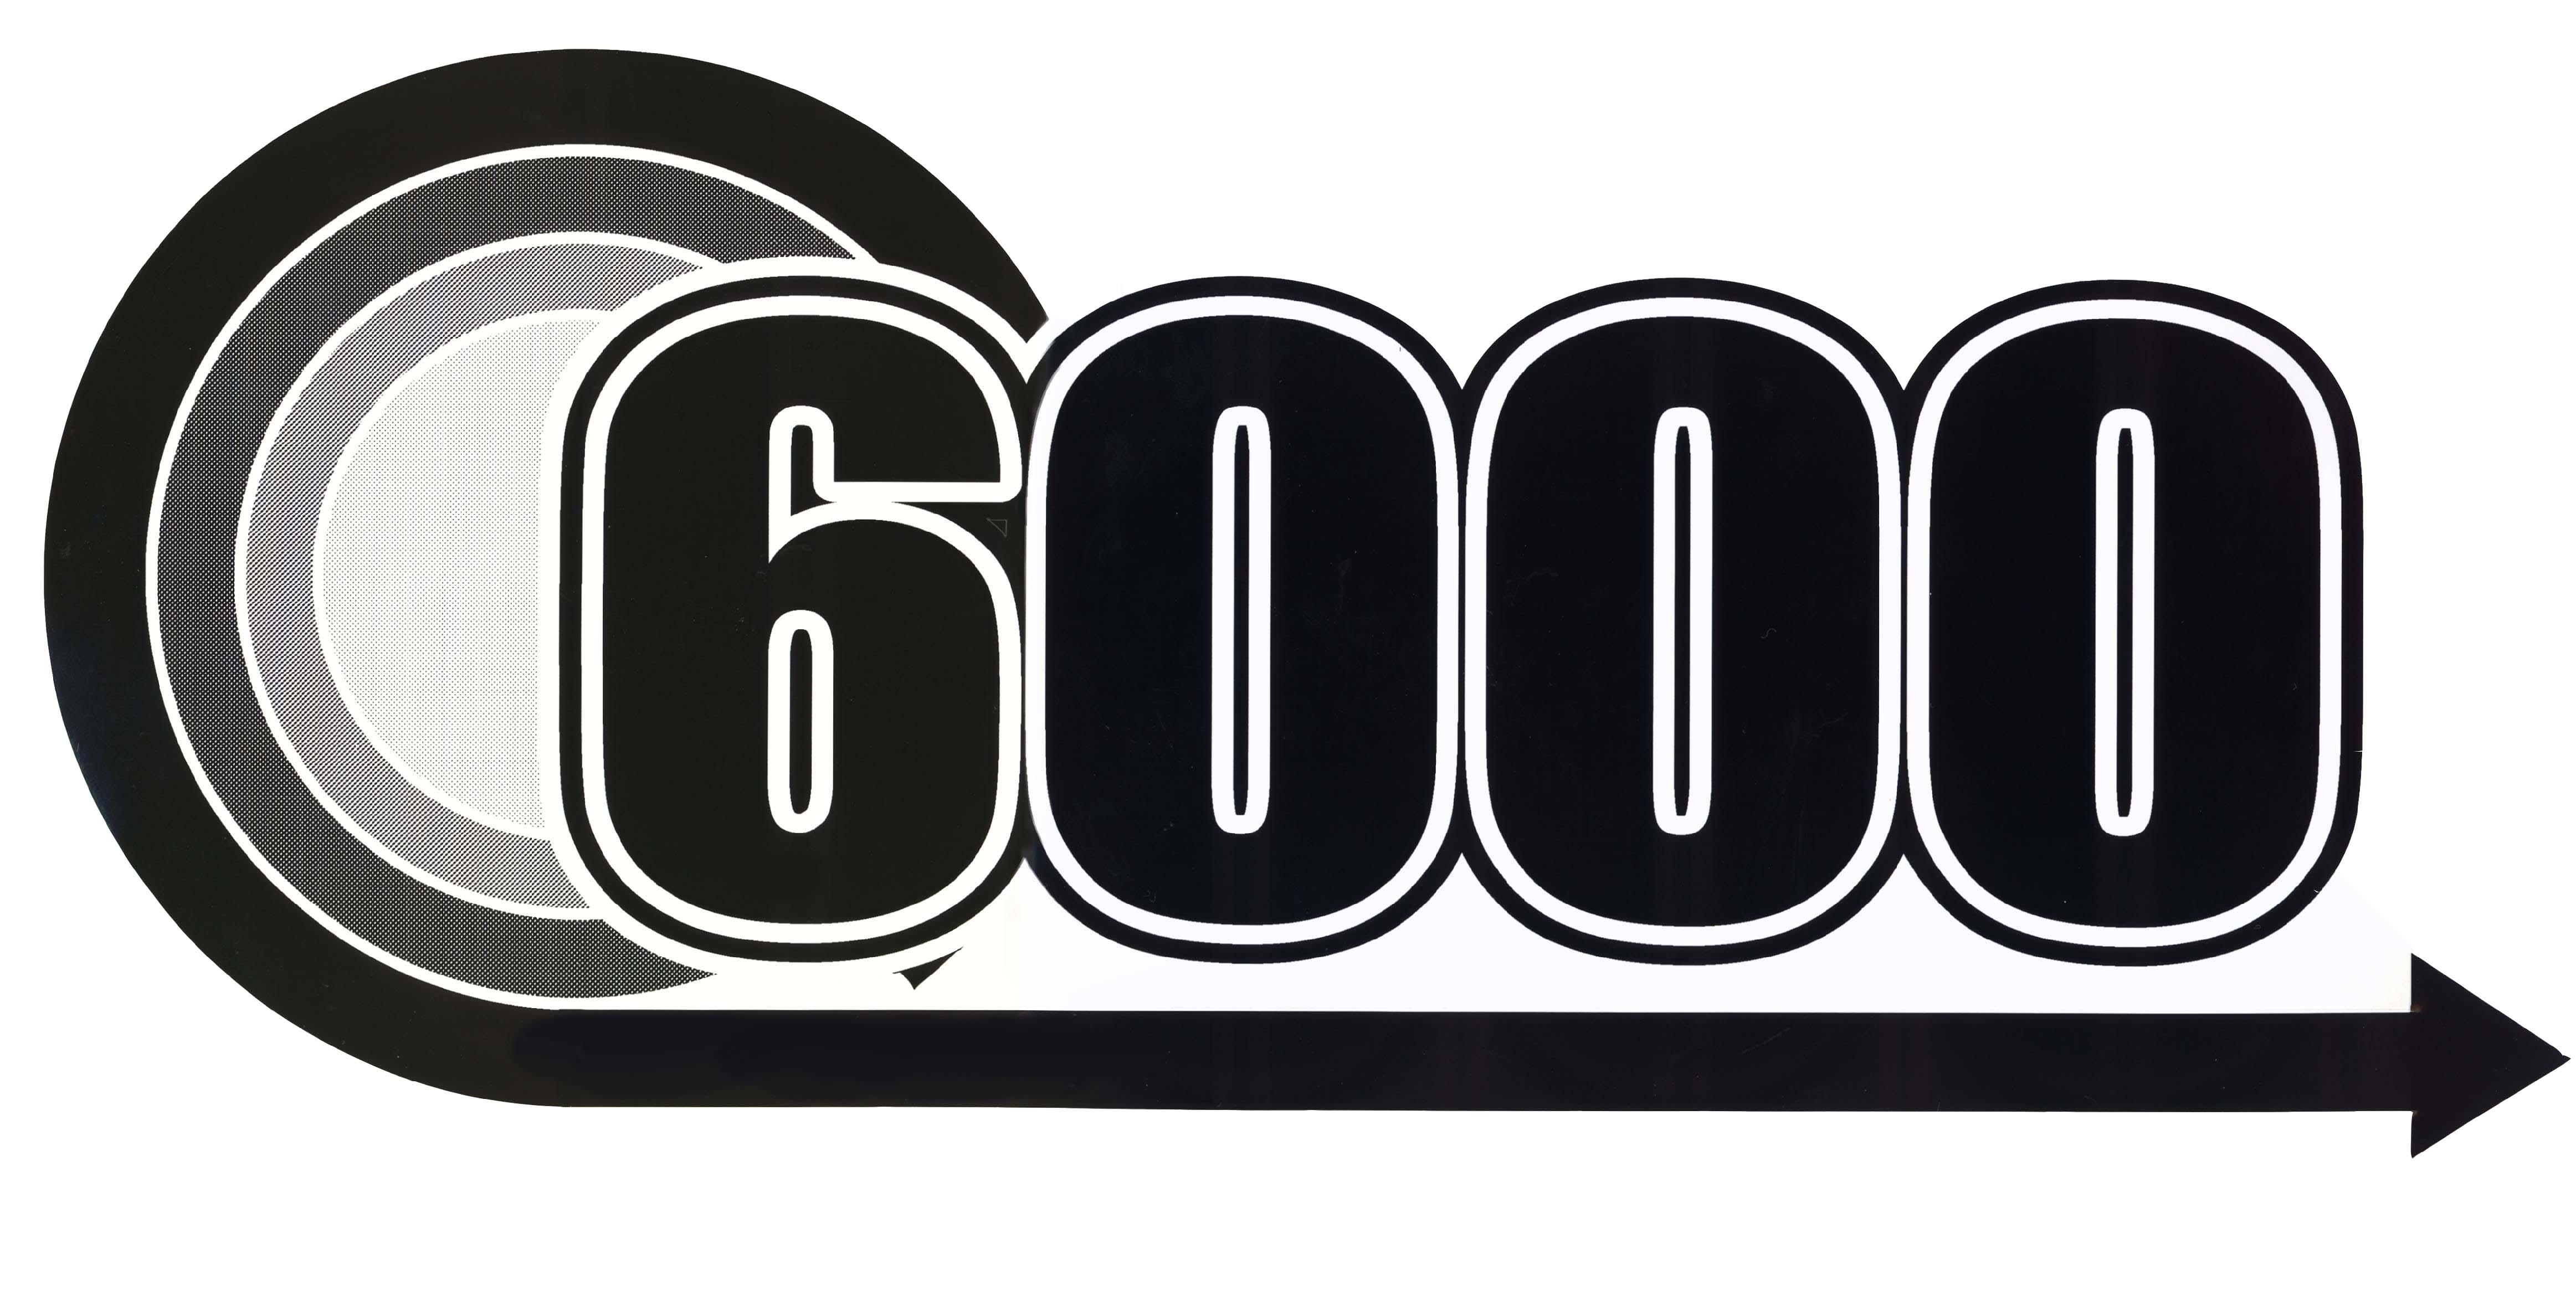 ¡Pasamos de las 6.000 visitas!